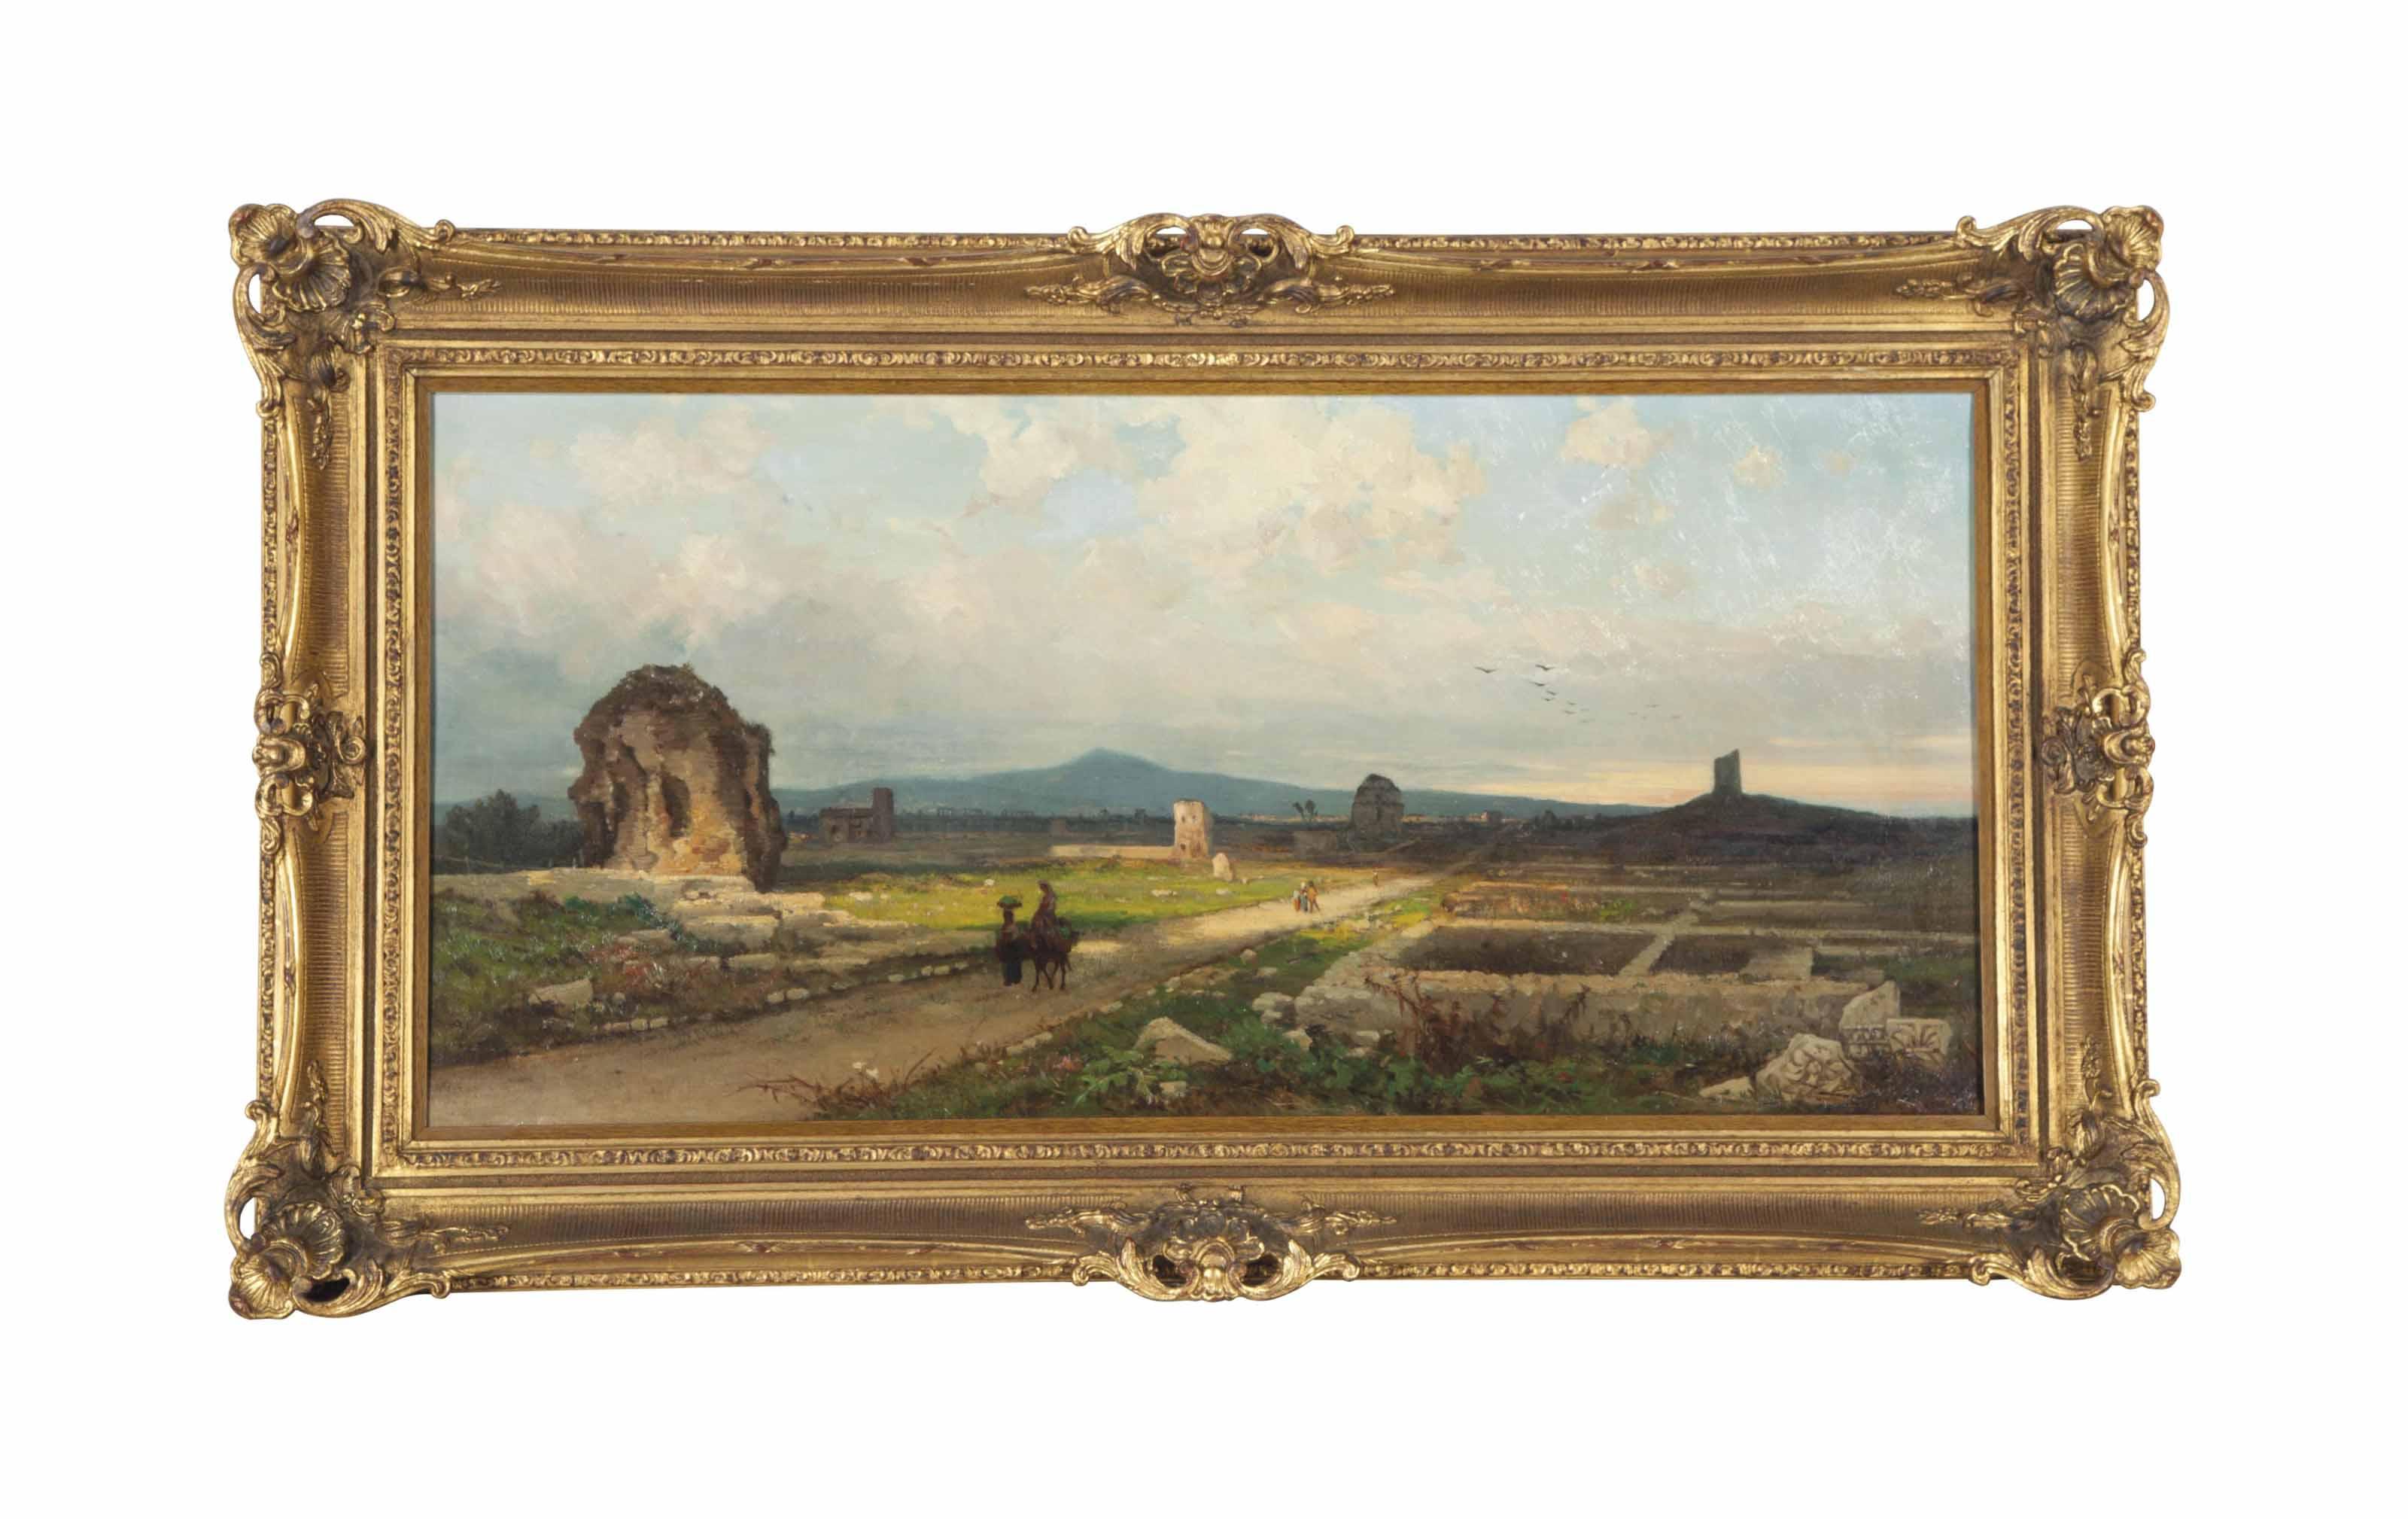 Ruins in an Italian landscape